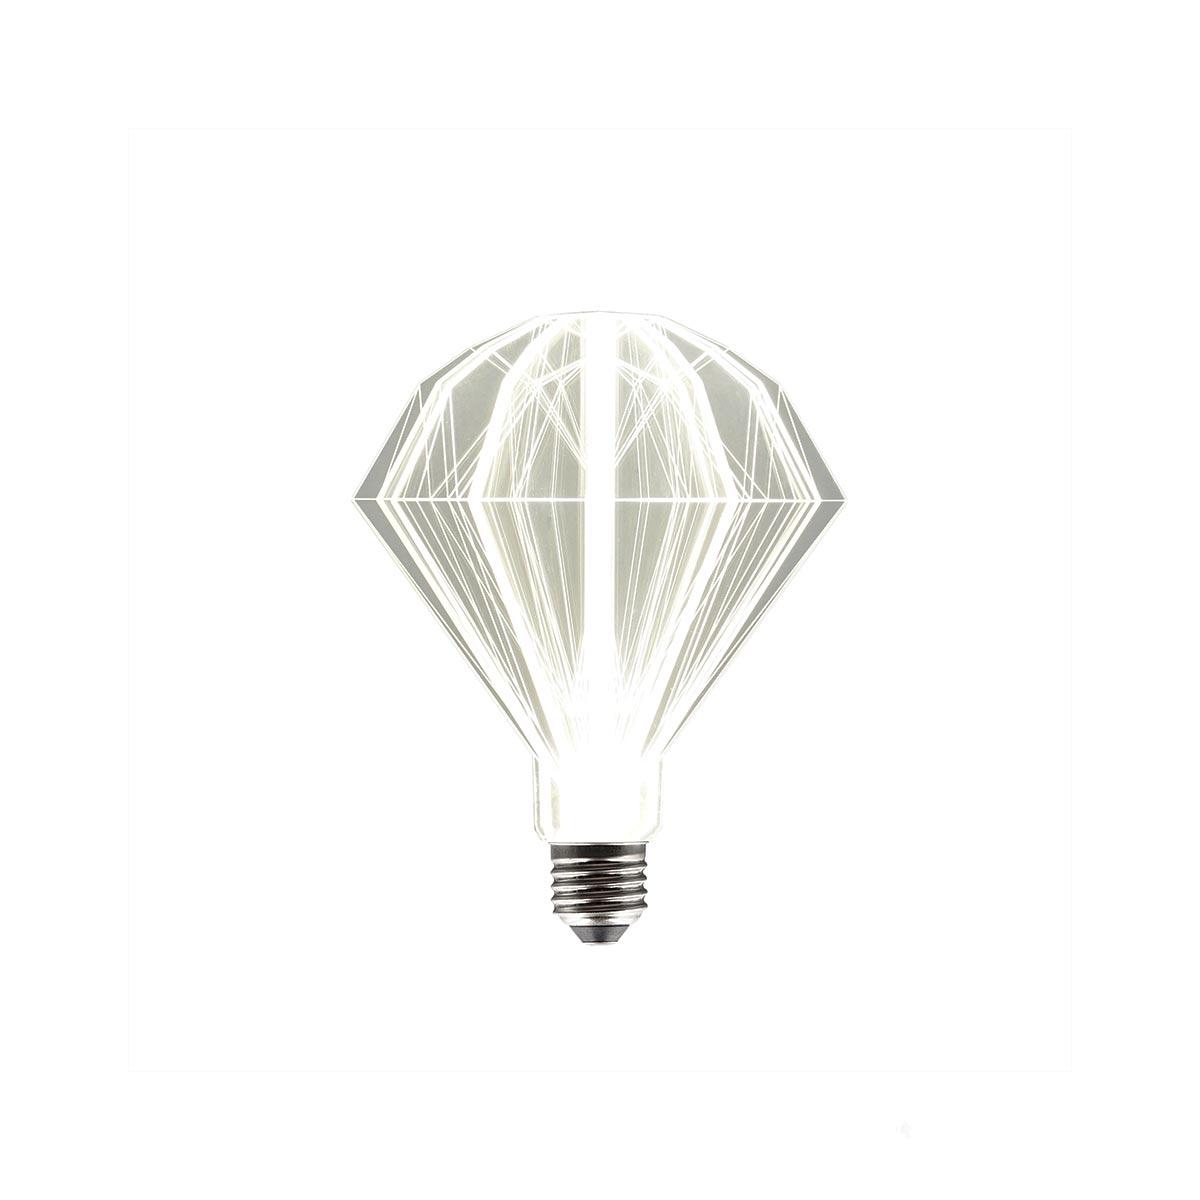 Ampoule LED E27 plastique transparent H21cm